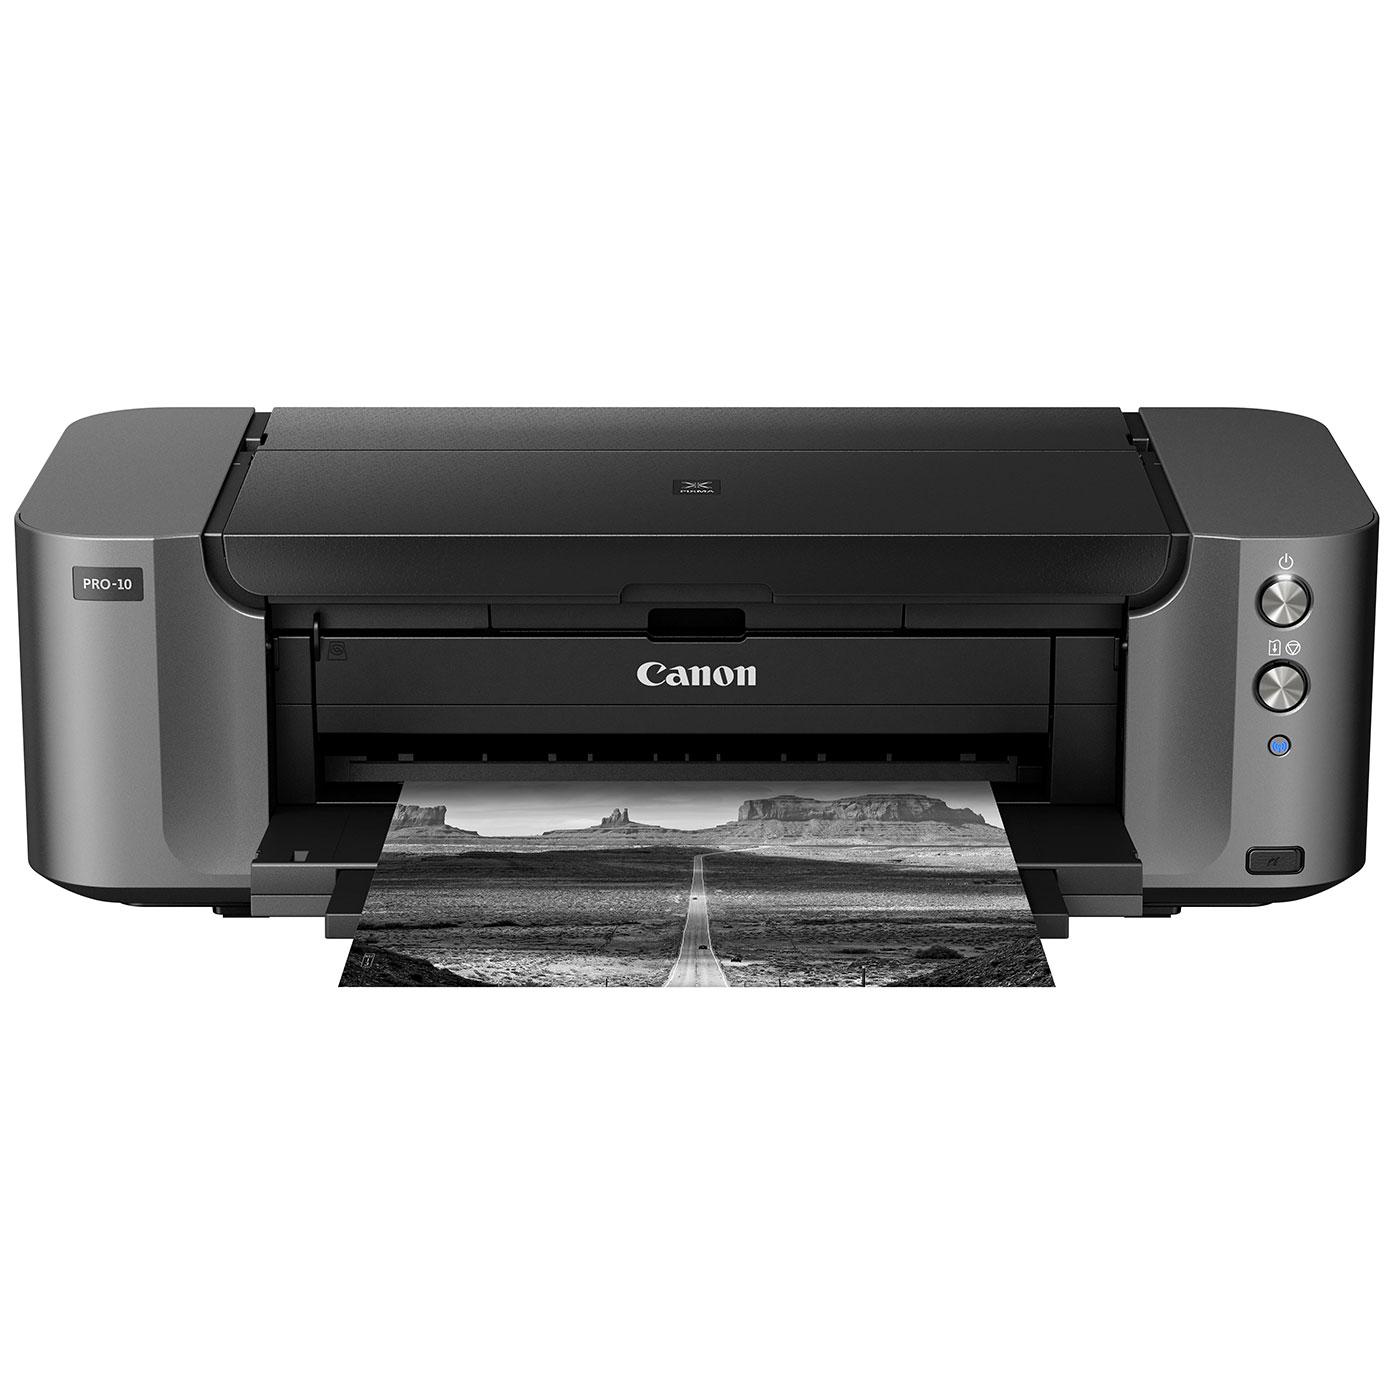 canon pixma pro 10 imprimante jet d 39 encre canon sur ldlc. Black Bedroom Furniture Sets. Home Design Ideas